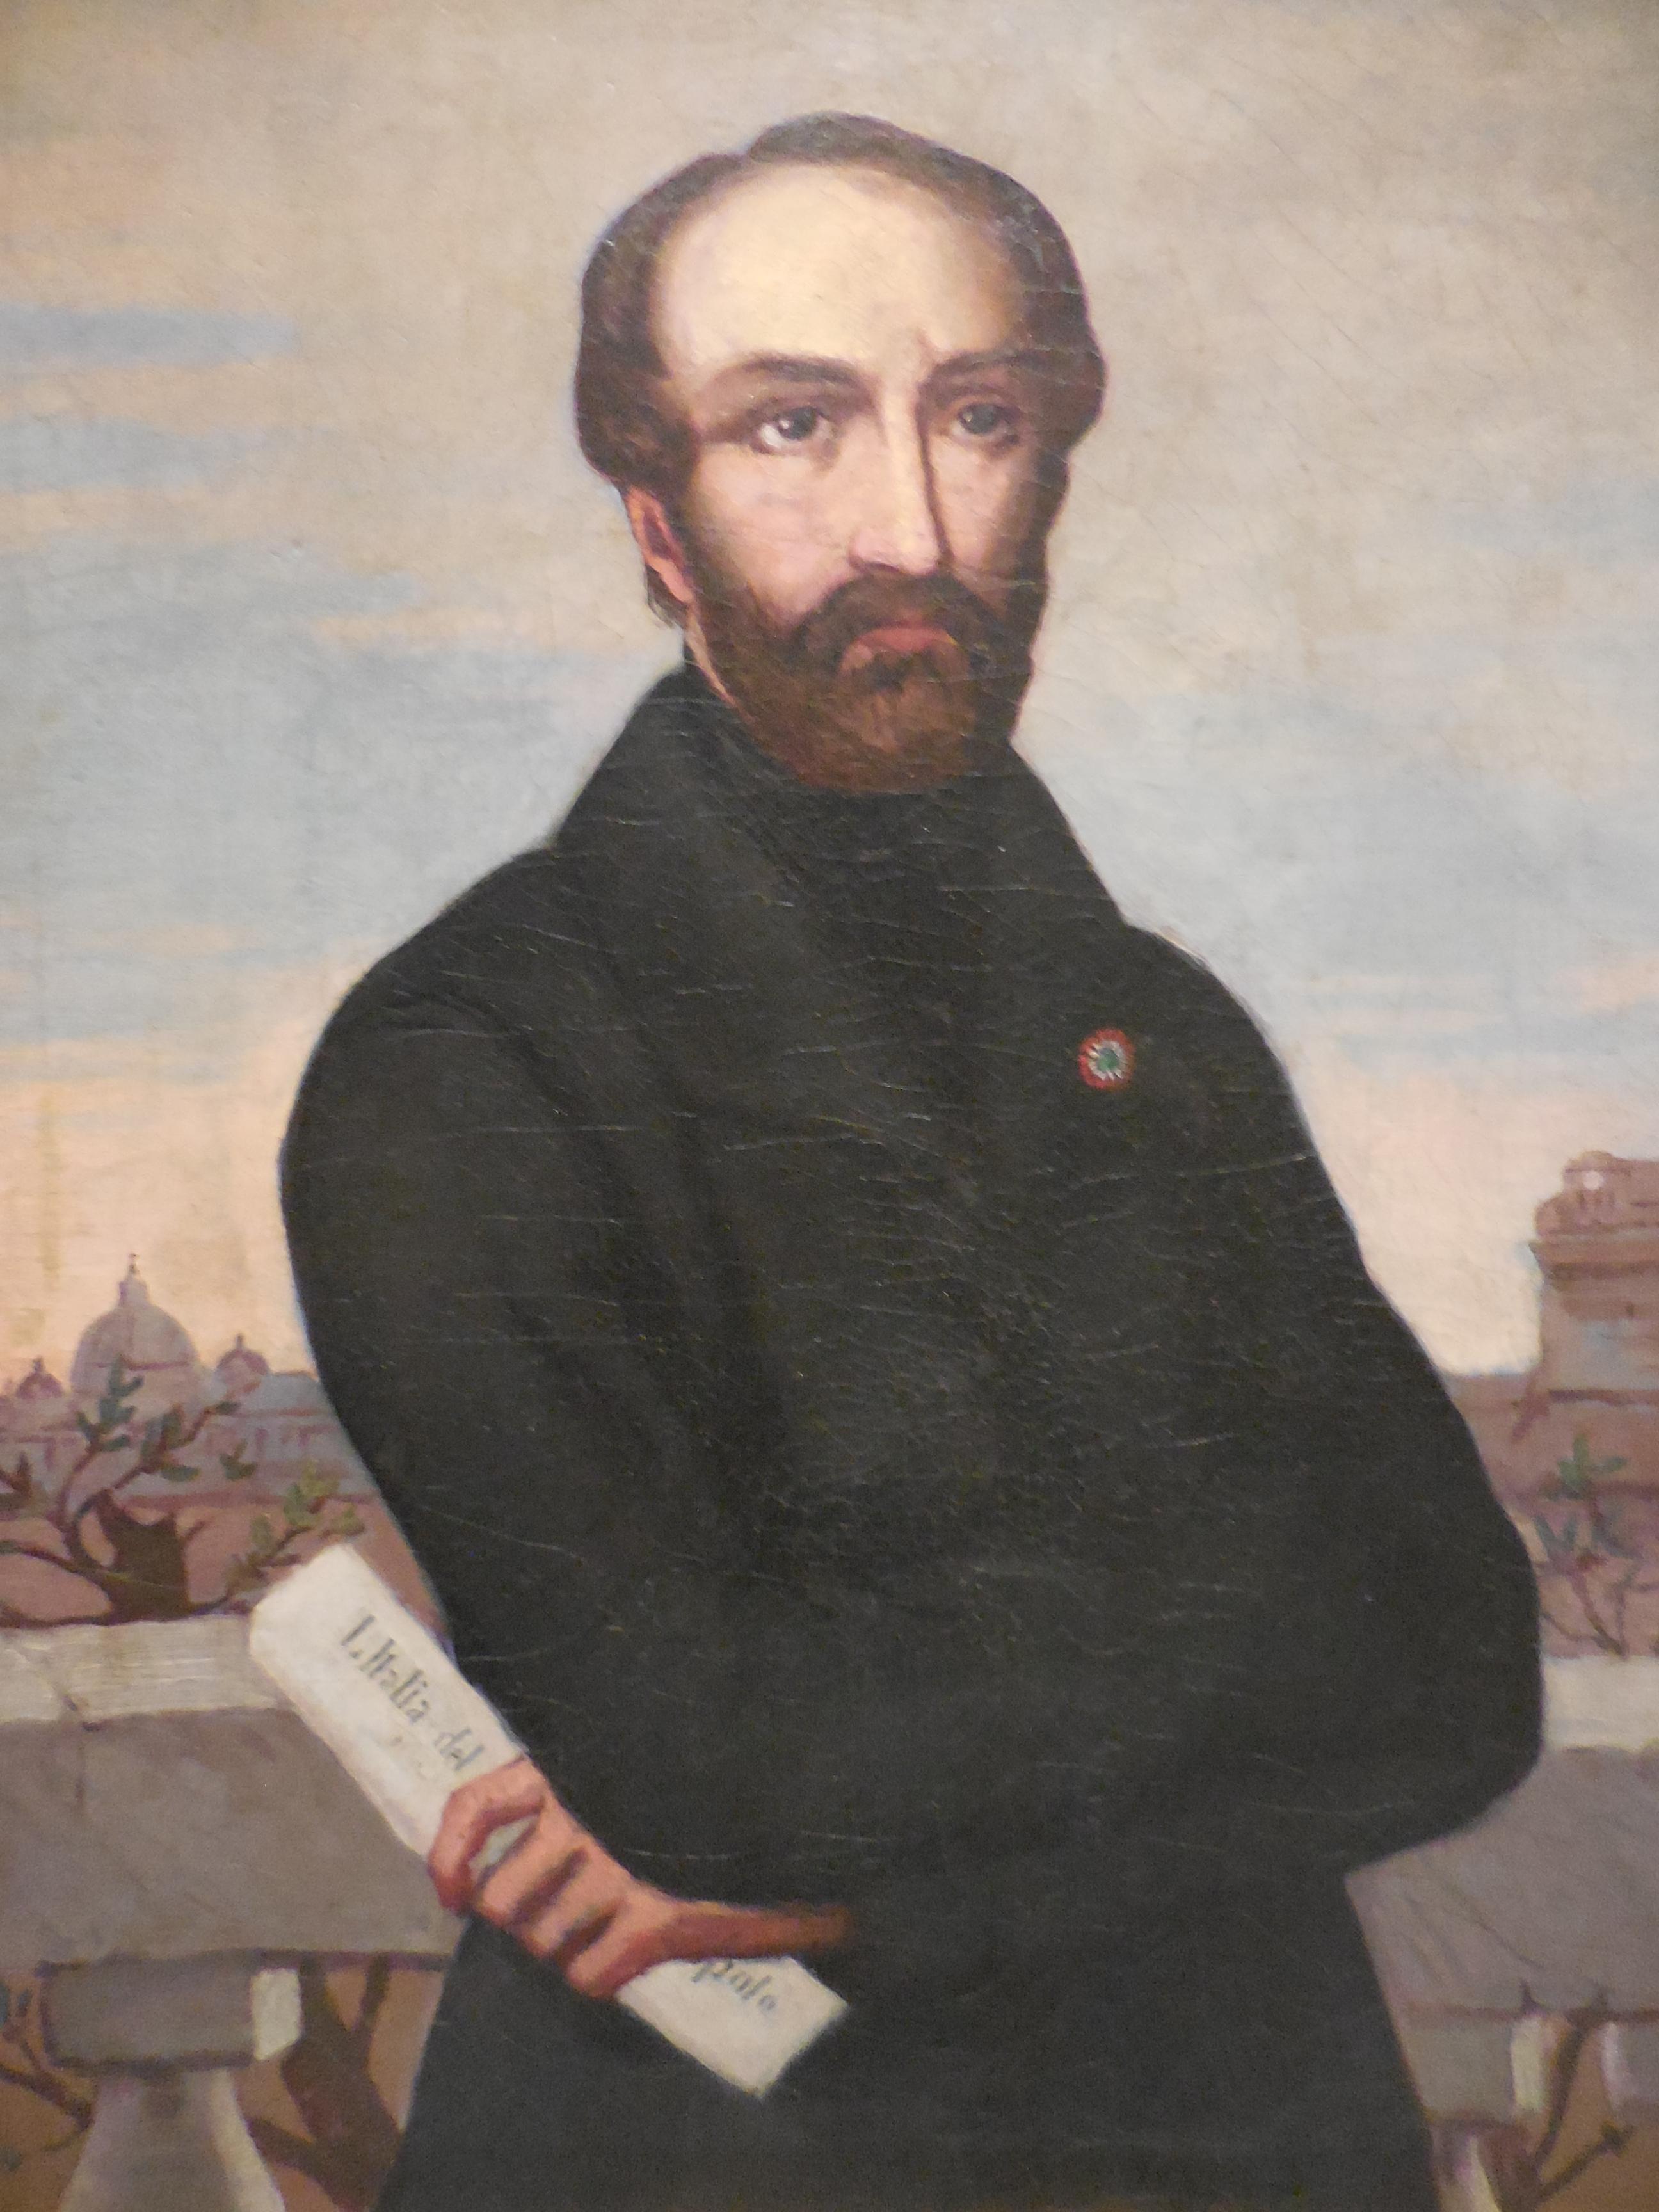 Portrait du révolutionnaire italien Mazzini pendant la République romaine de 1849. Conservé au Museo Centrale del Risorgimento, il est tiré d'une oeuvre d'Emily Ashurst Hawkes.  Photo de l'auteur (12 avril 2017)